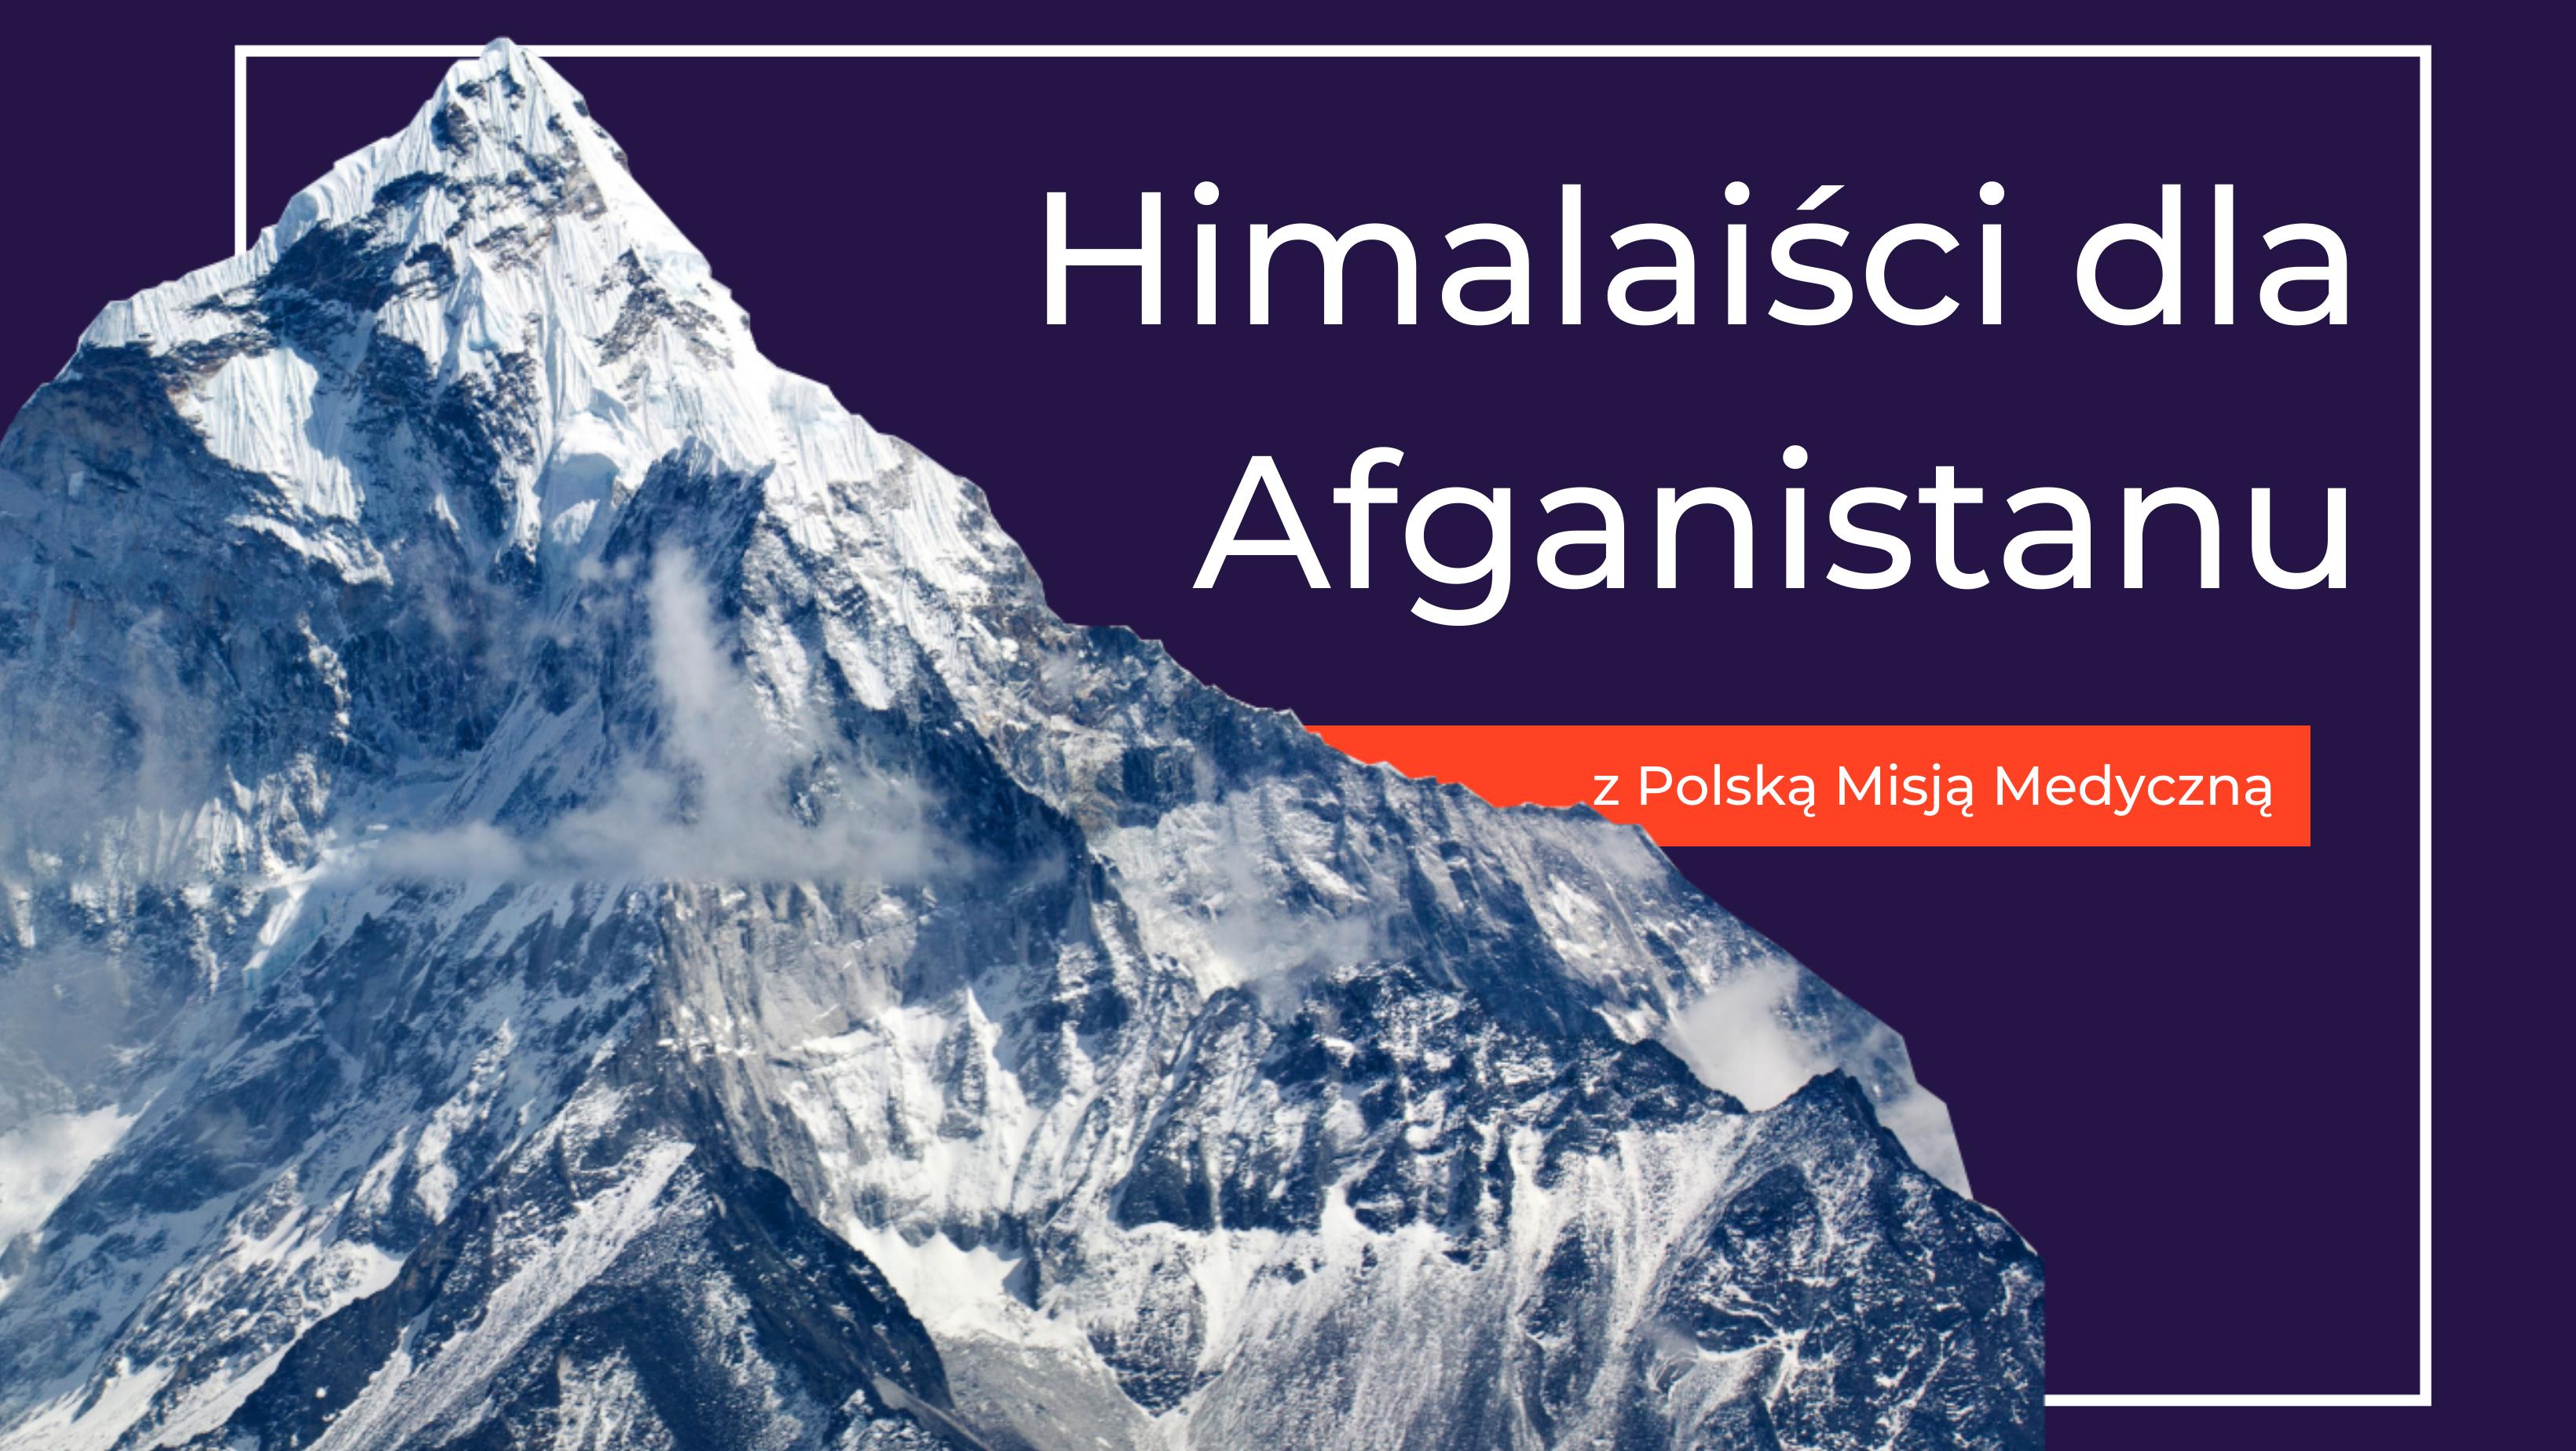 Himalaiści dla Afganistanu